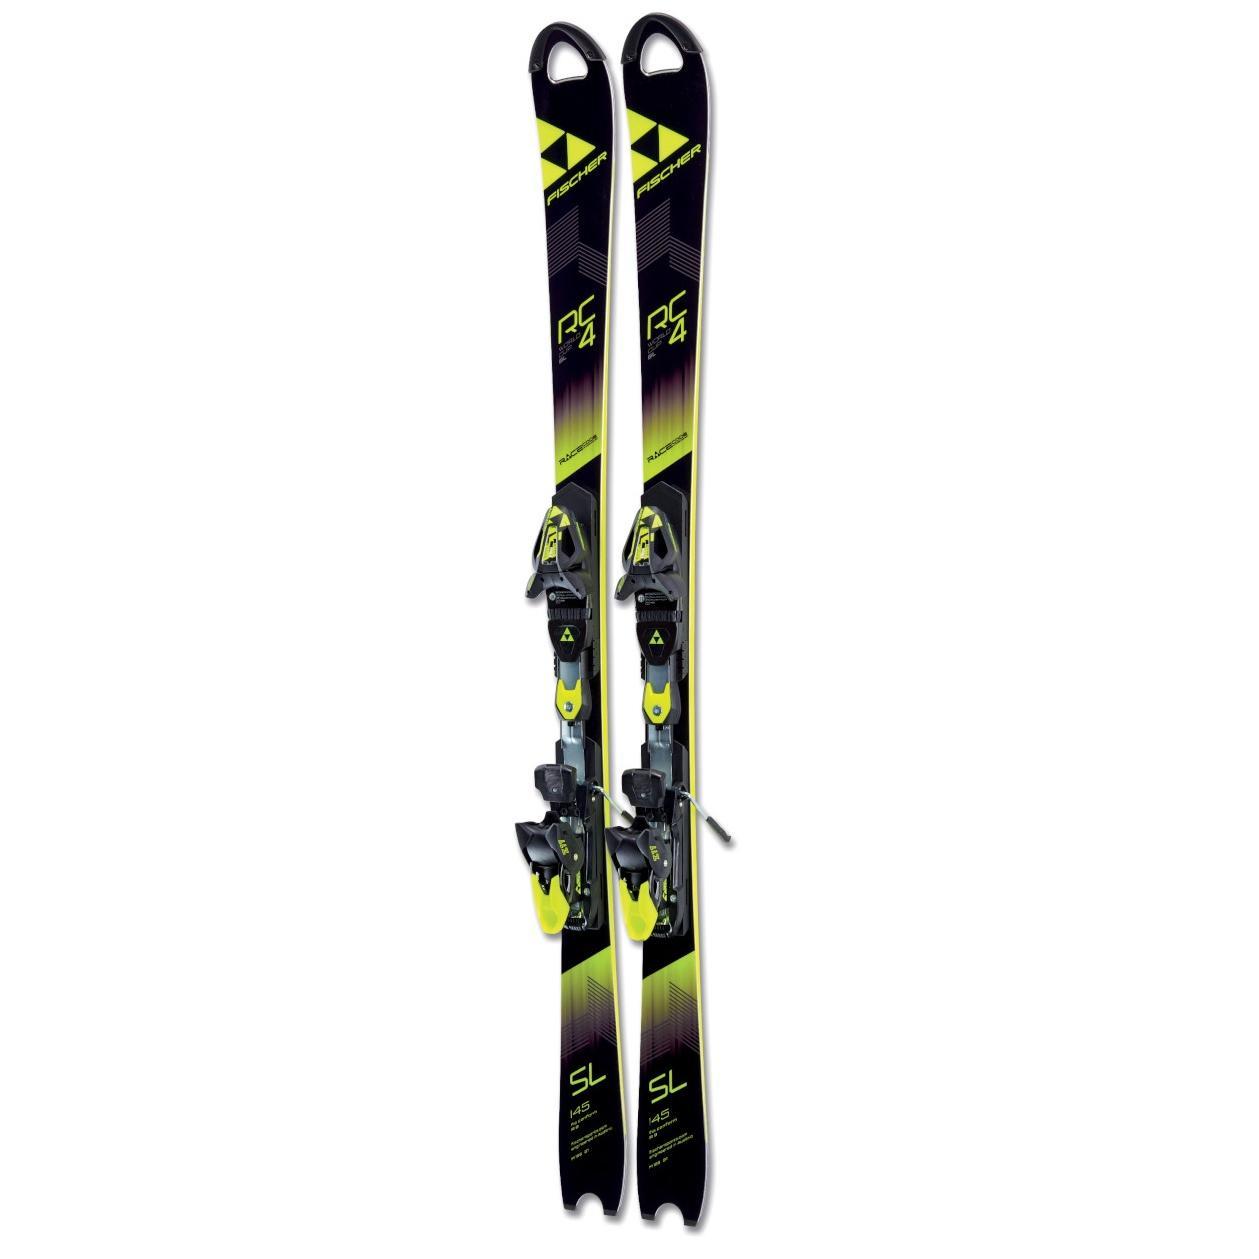 Горные лыжи FISCHER 2017-18 RC4 Worldcup SL jr. - купить недорого ... e2b320ba1b0